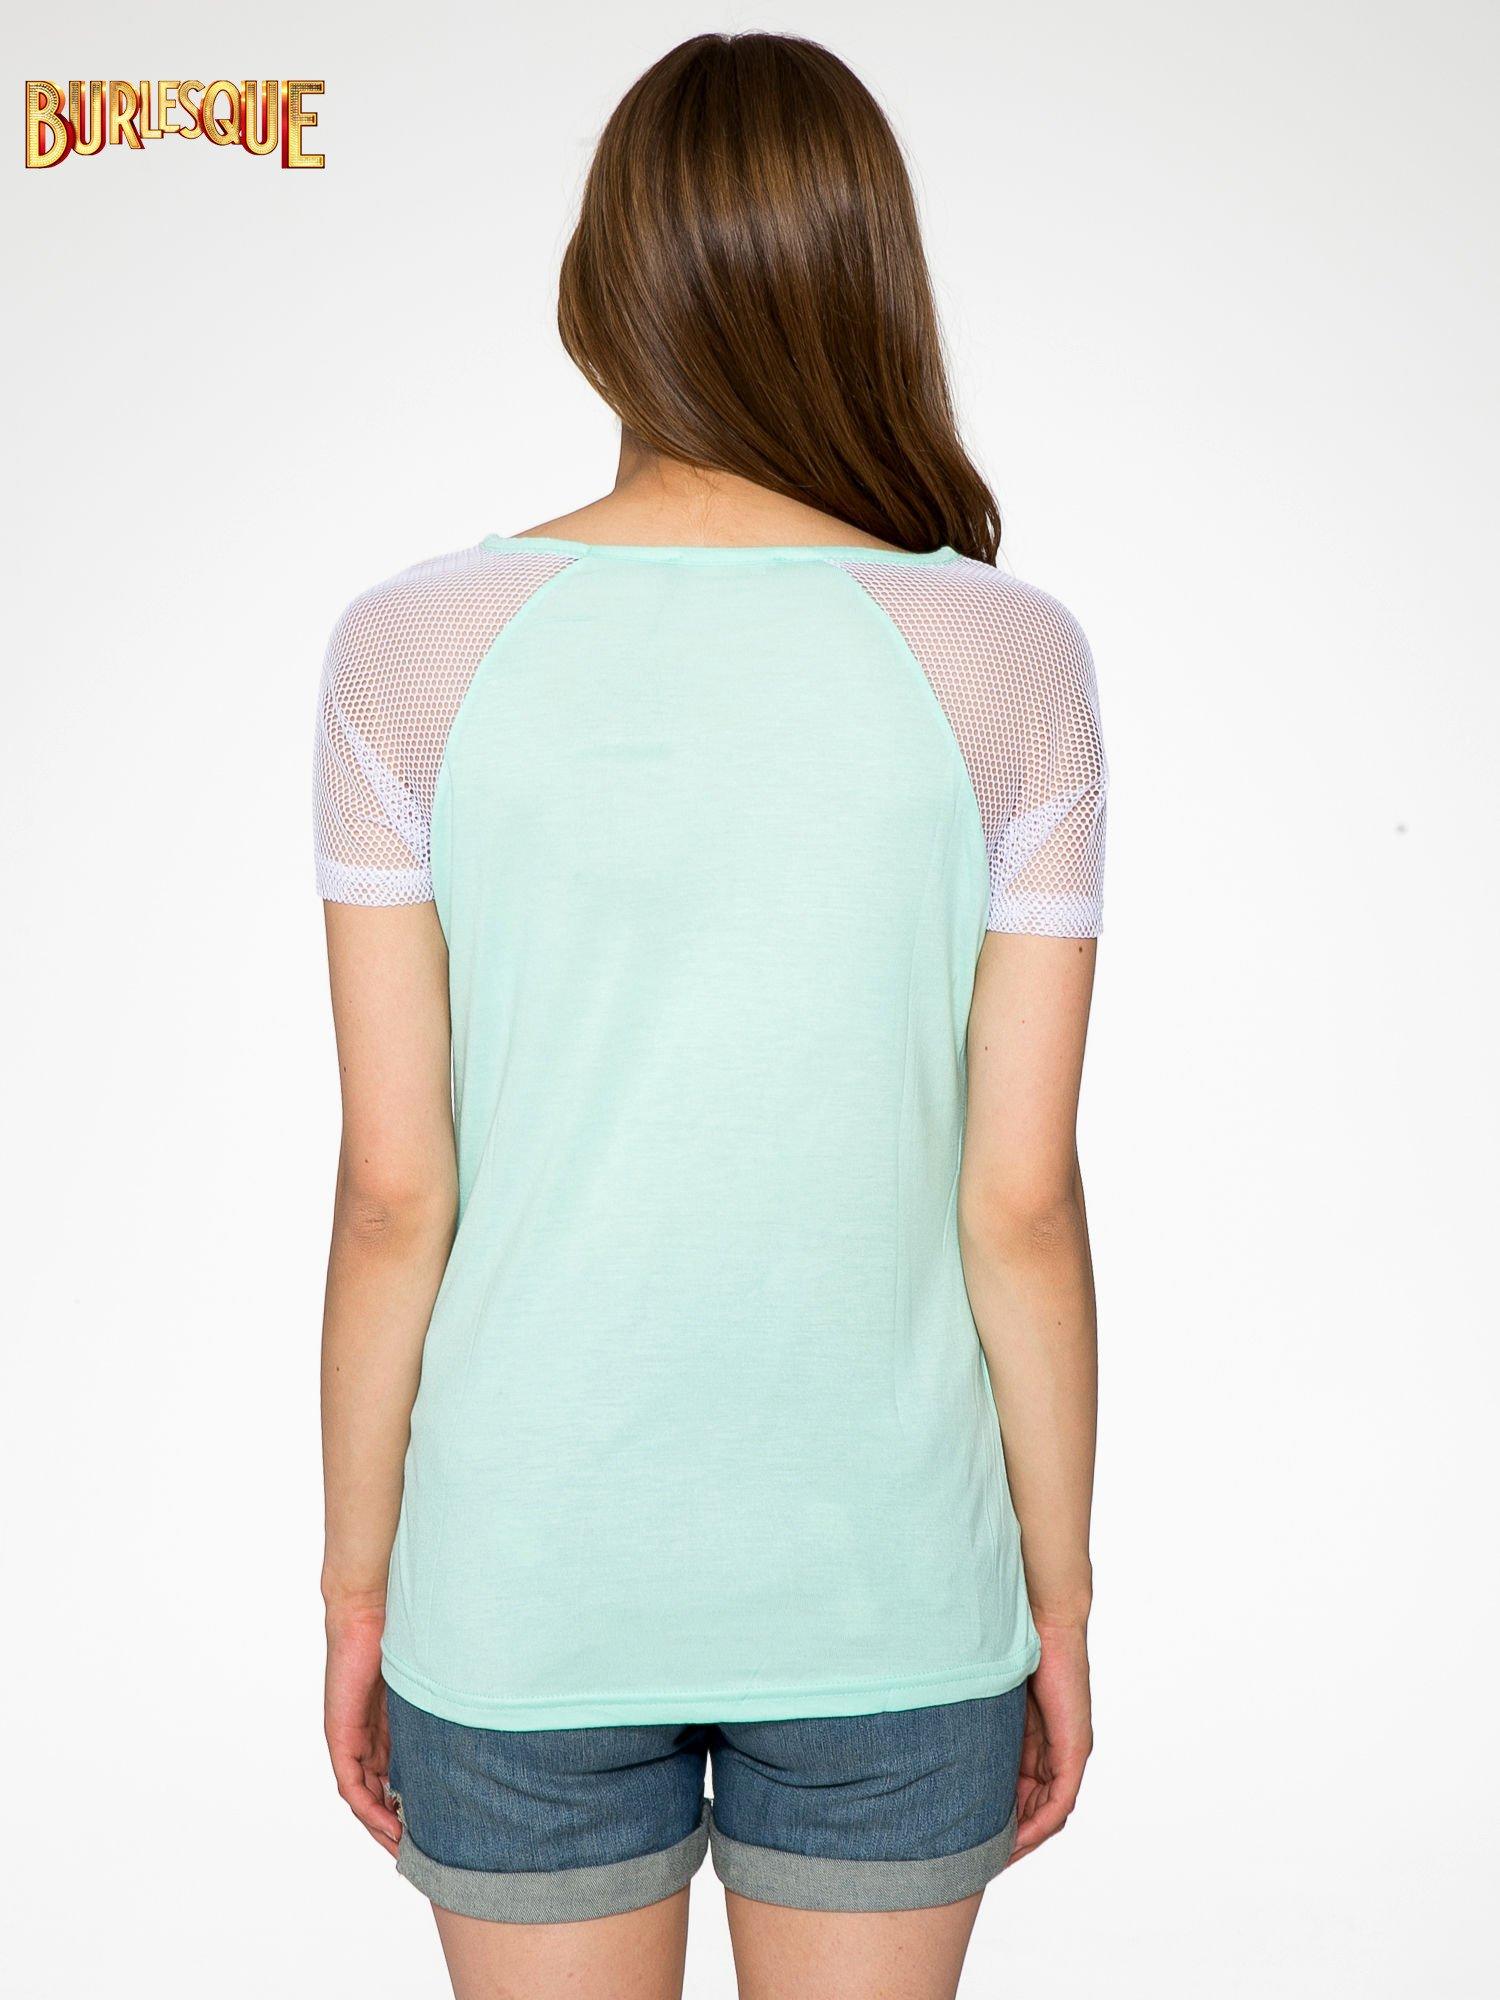 Zielony t-shirt z nadrukiem NEW YORK 55 i siatkowymi rękawami                                  zdj.                                  4